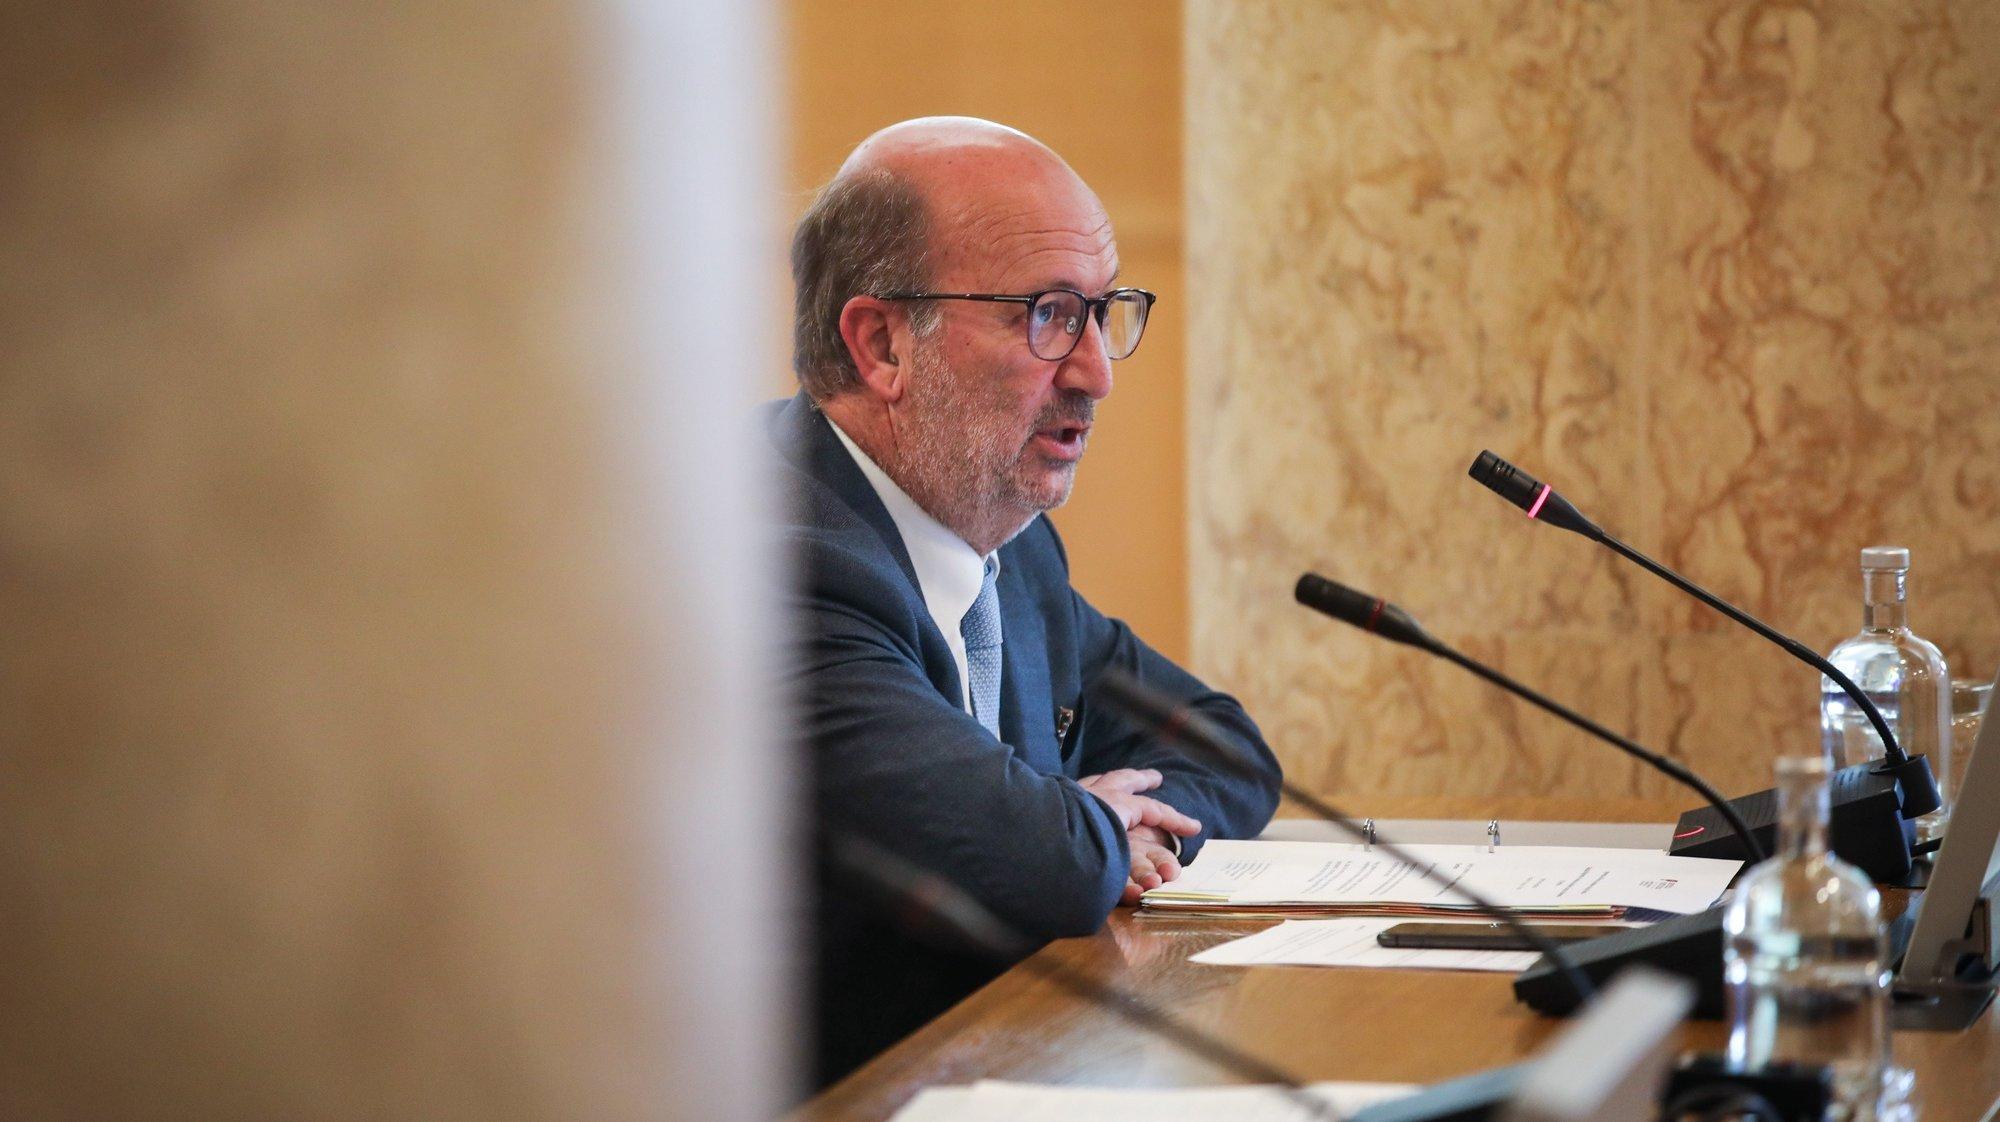 O ministro do Ambiente e da Ação Climática, João Pedro Matos Fernandes, durante a Comissão de Ambiente, Energia e Ordenamento do Território, na Assembleia da República, em Lisboa, 11 de maio de 2021. ANDRÉ KOSTERS/LUSA